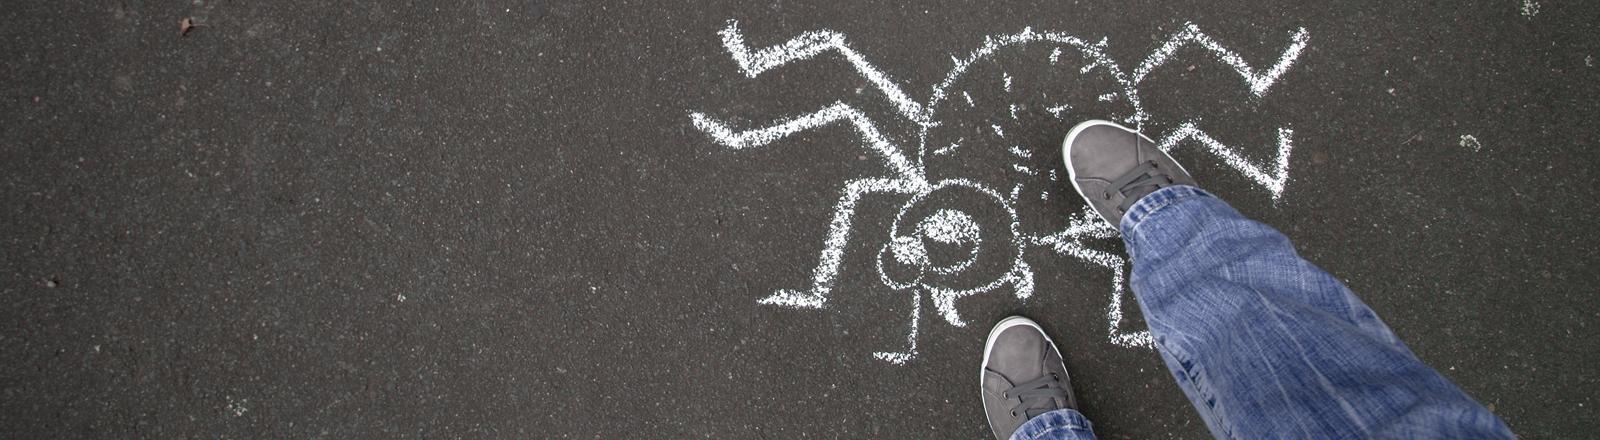 Kreidespinne auf der Straße